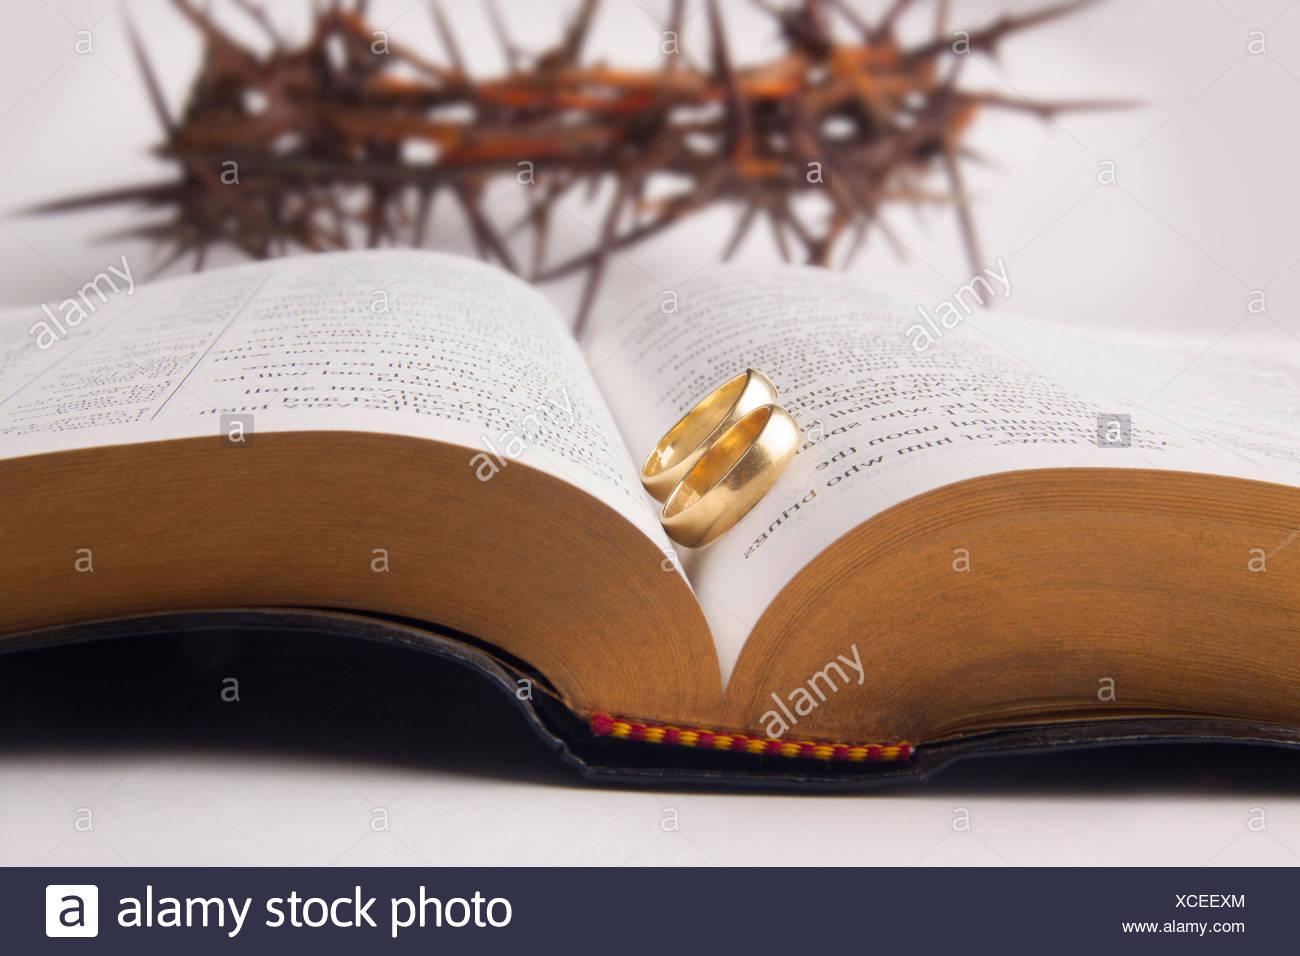 El Matrimonio Santa Biblia : Anillos de matrimonio en la santa biblia y corona de espinas foto